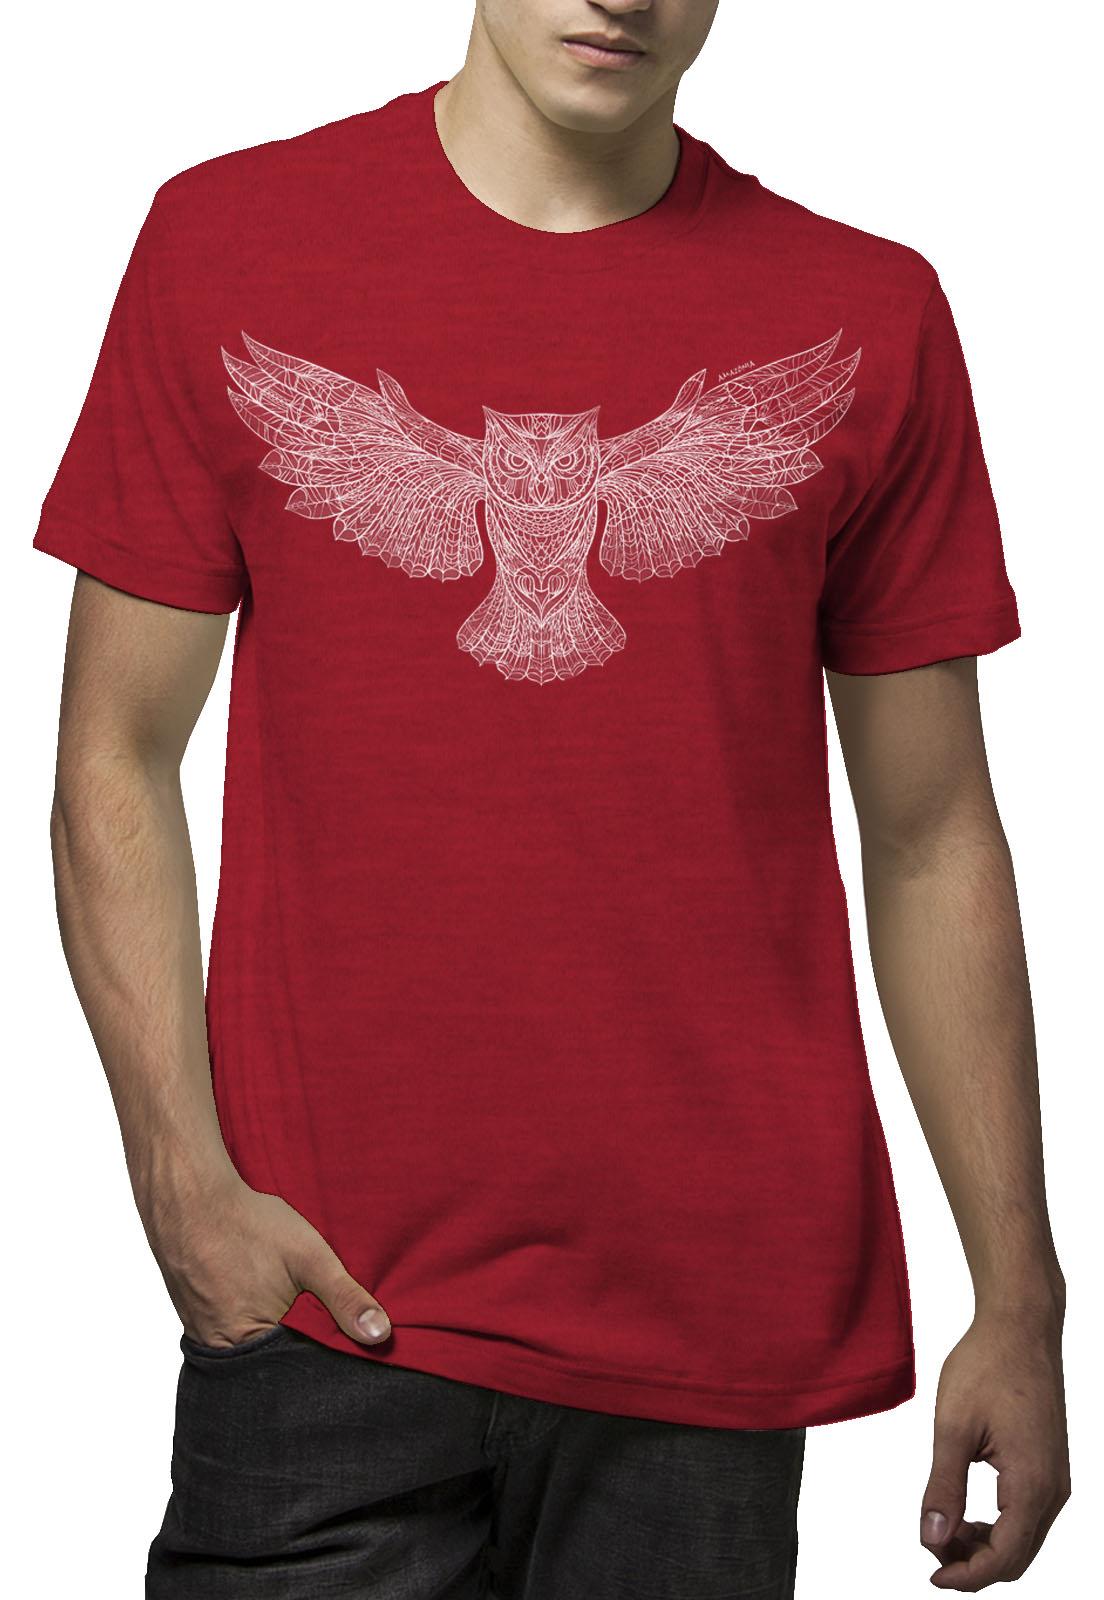 Camiseta Amazônia Owl Draw - Mescla Vermelho